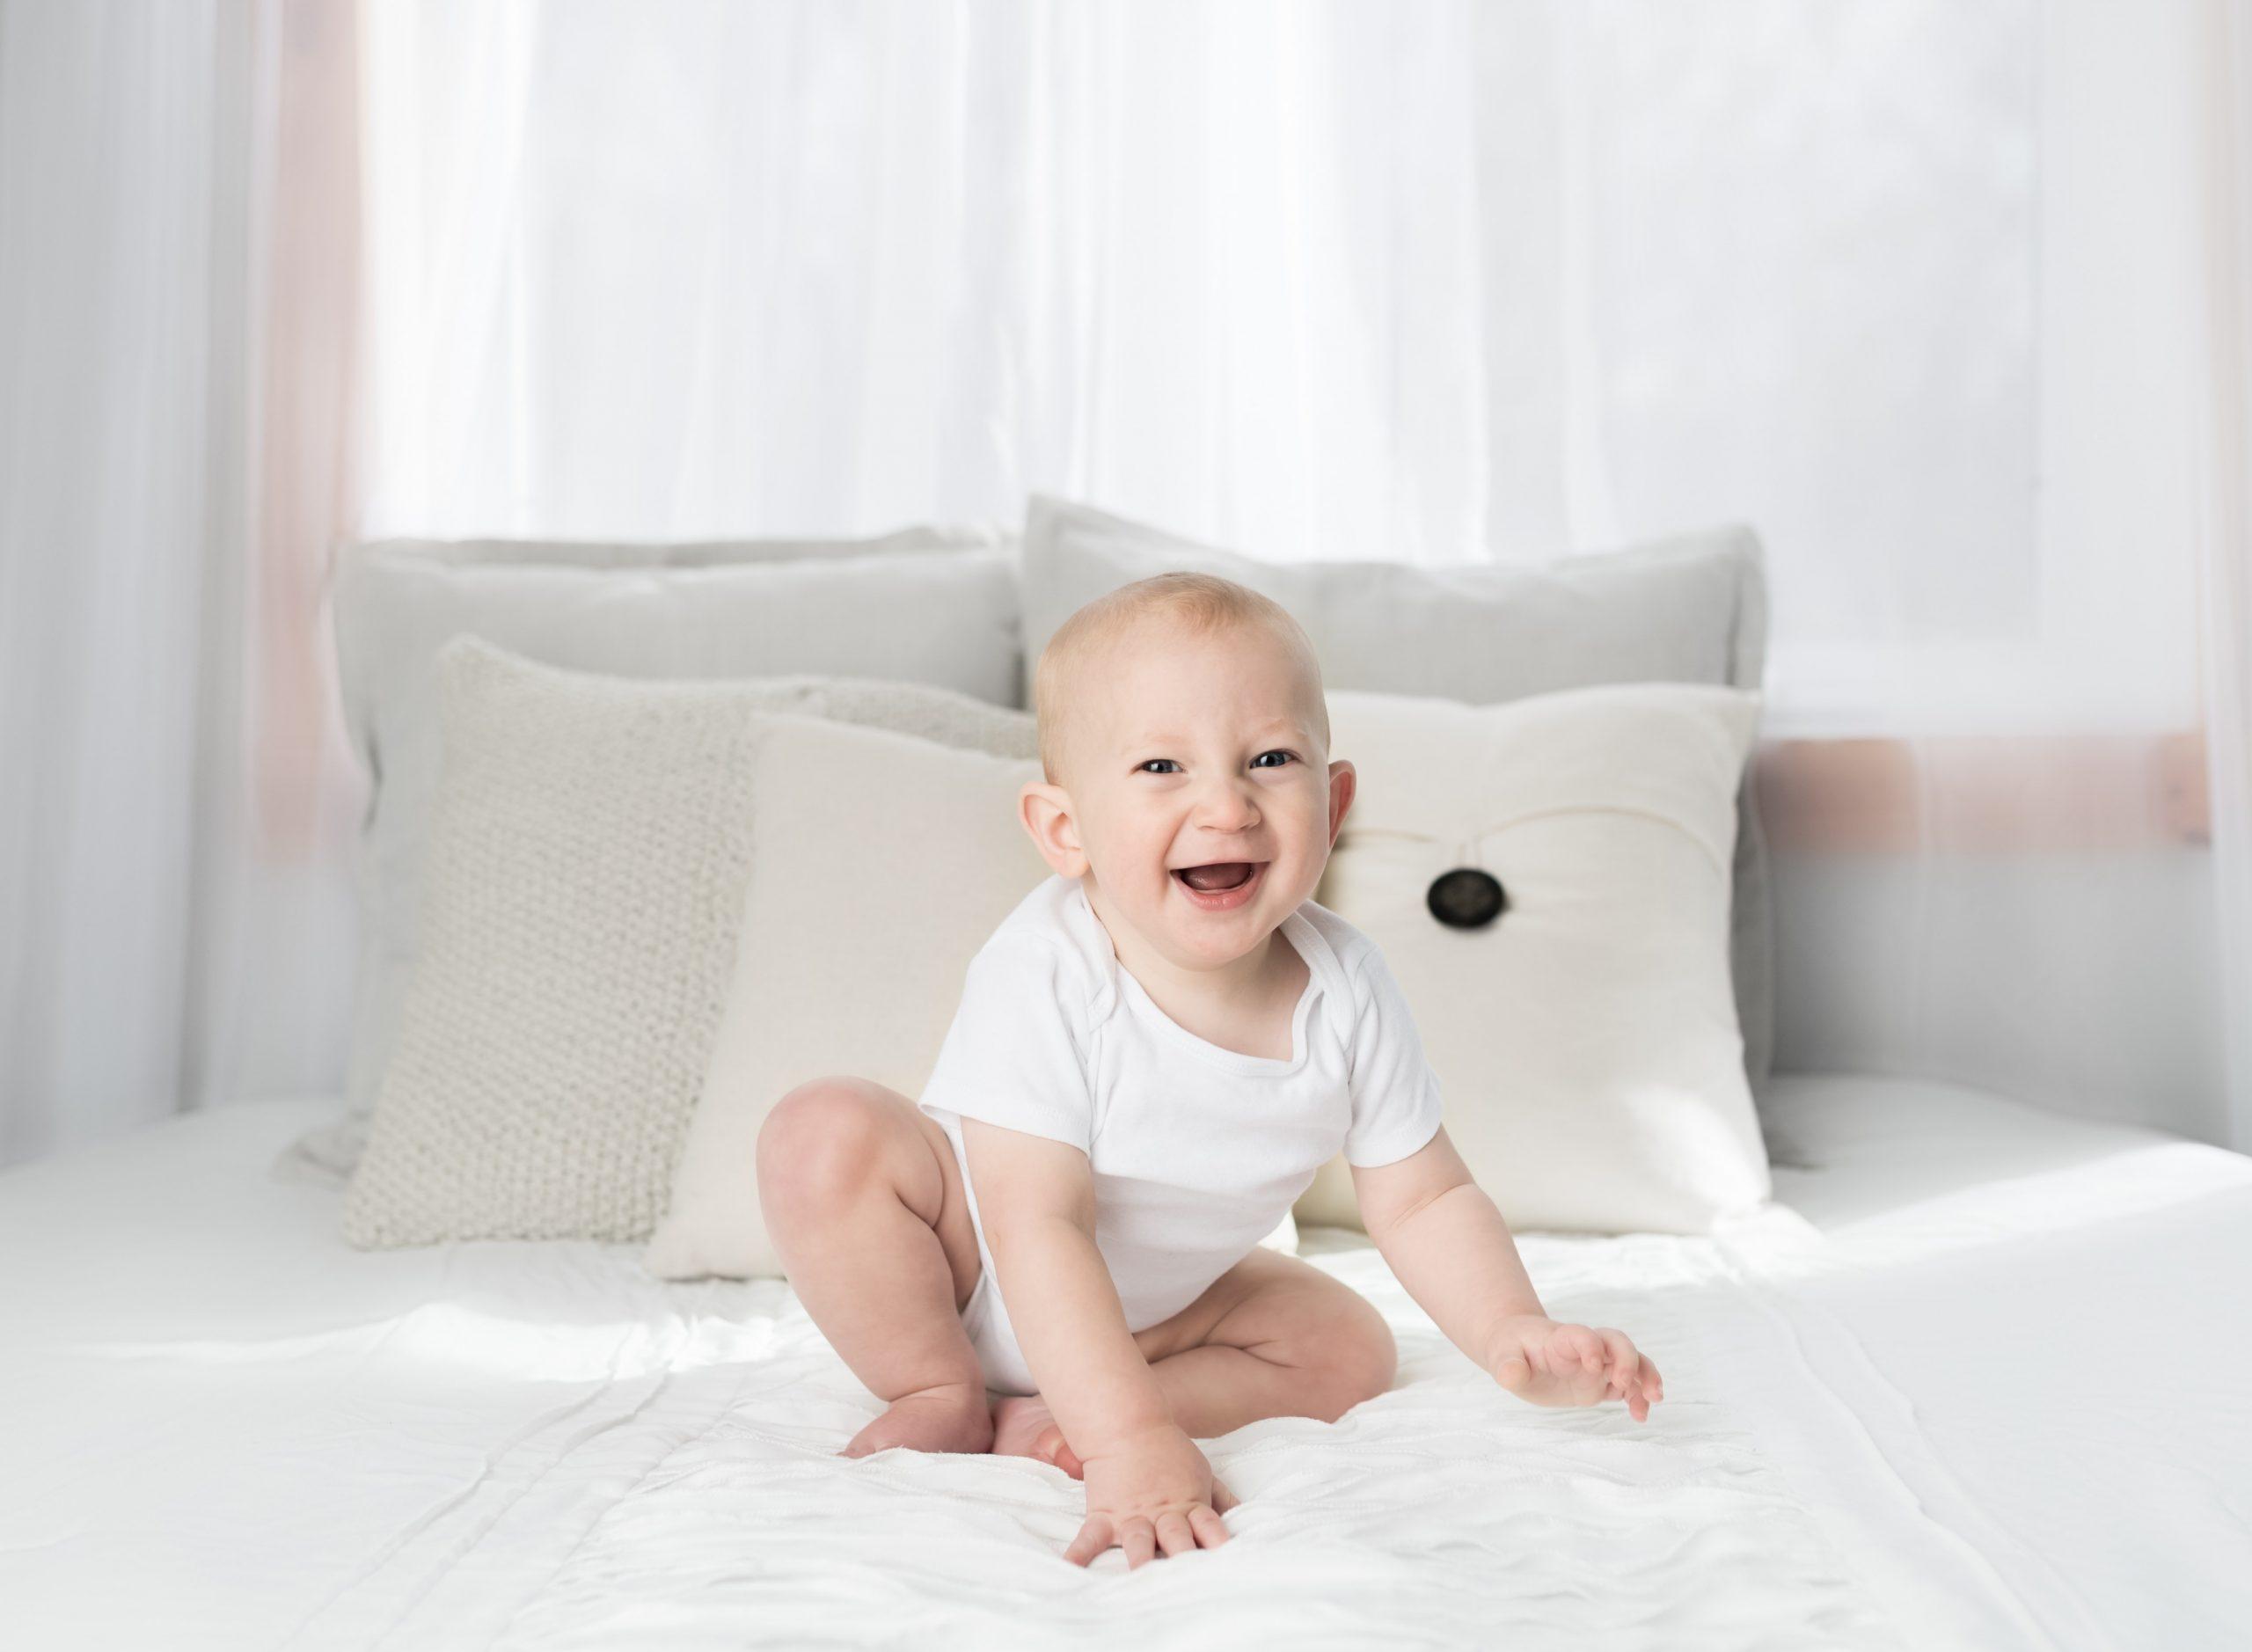 Imagem de um bebê,